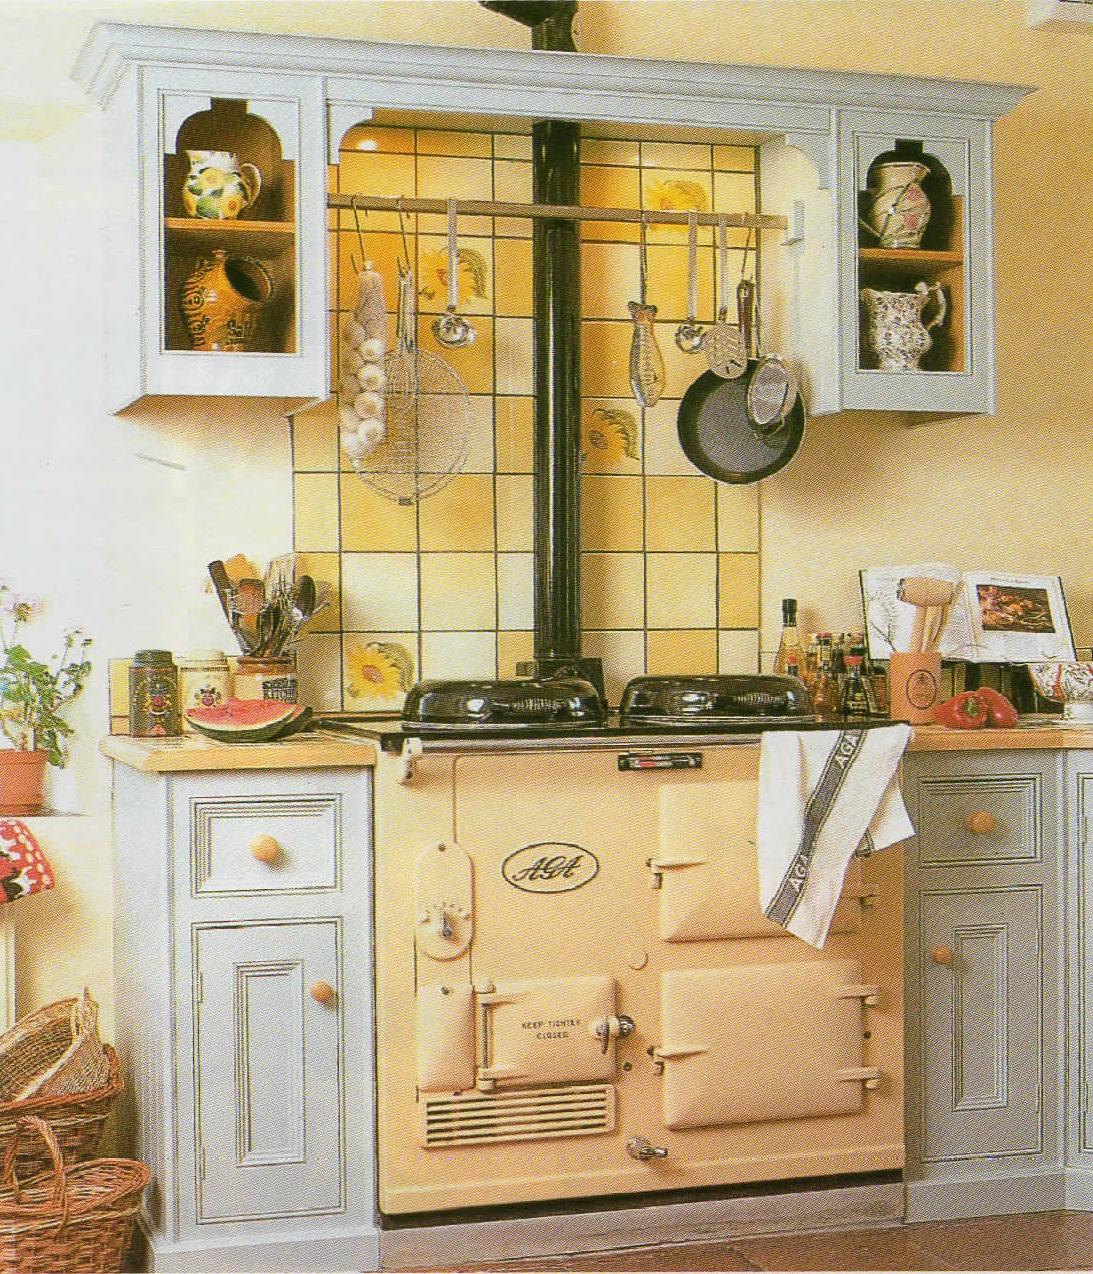 Detalles con encanto las cocinas de las casas rurales - Cocinas con encanto ...